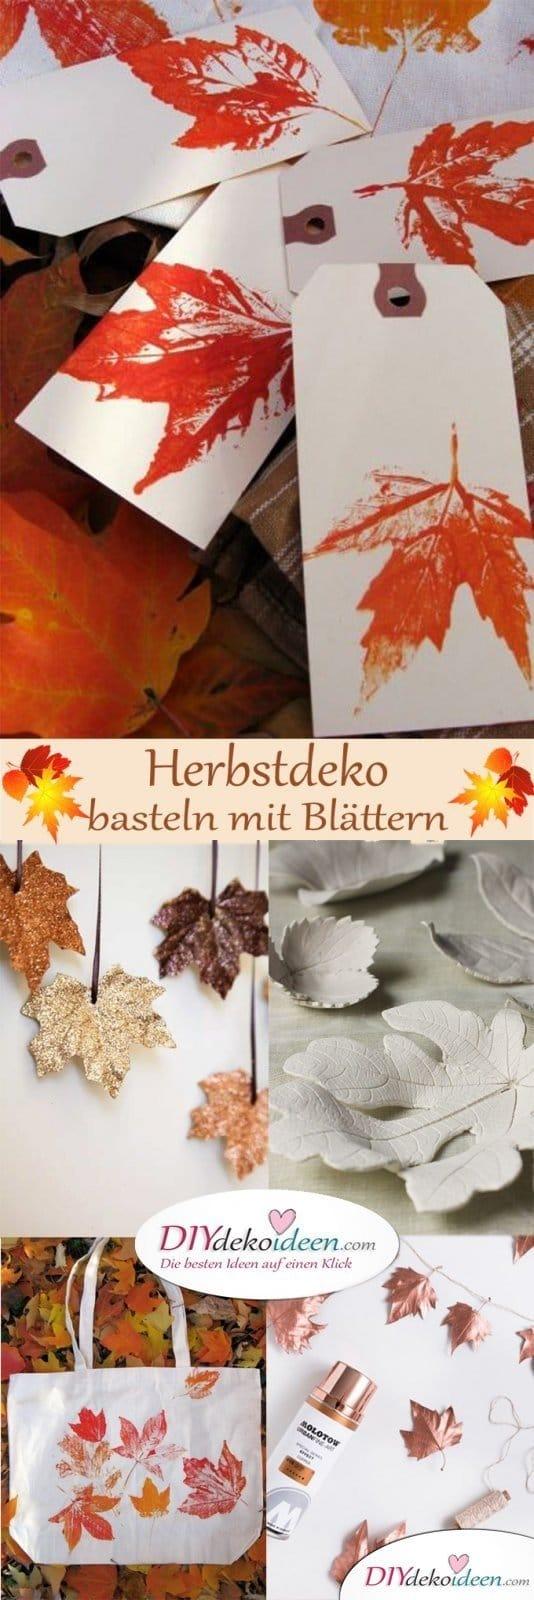 Herbstdeko basteln mit Blättern - Die schönsten DIY Bastelideen